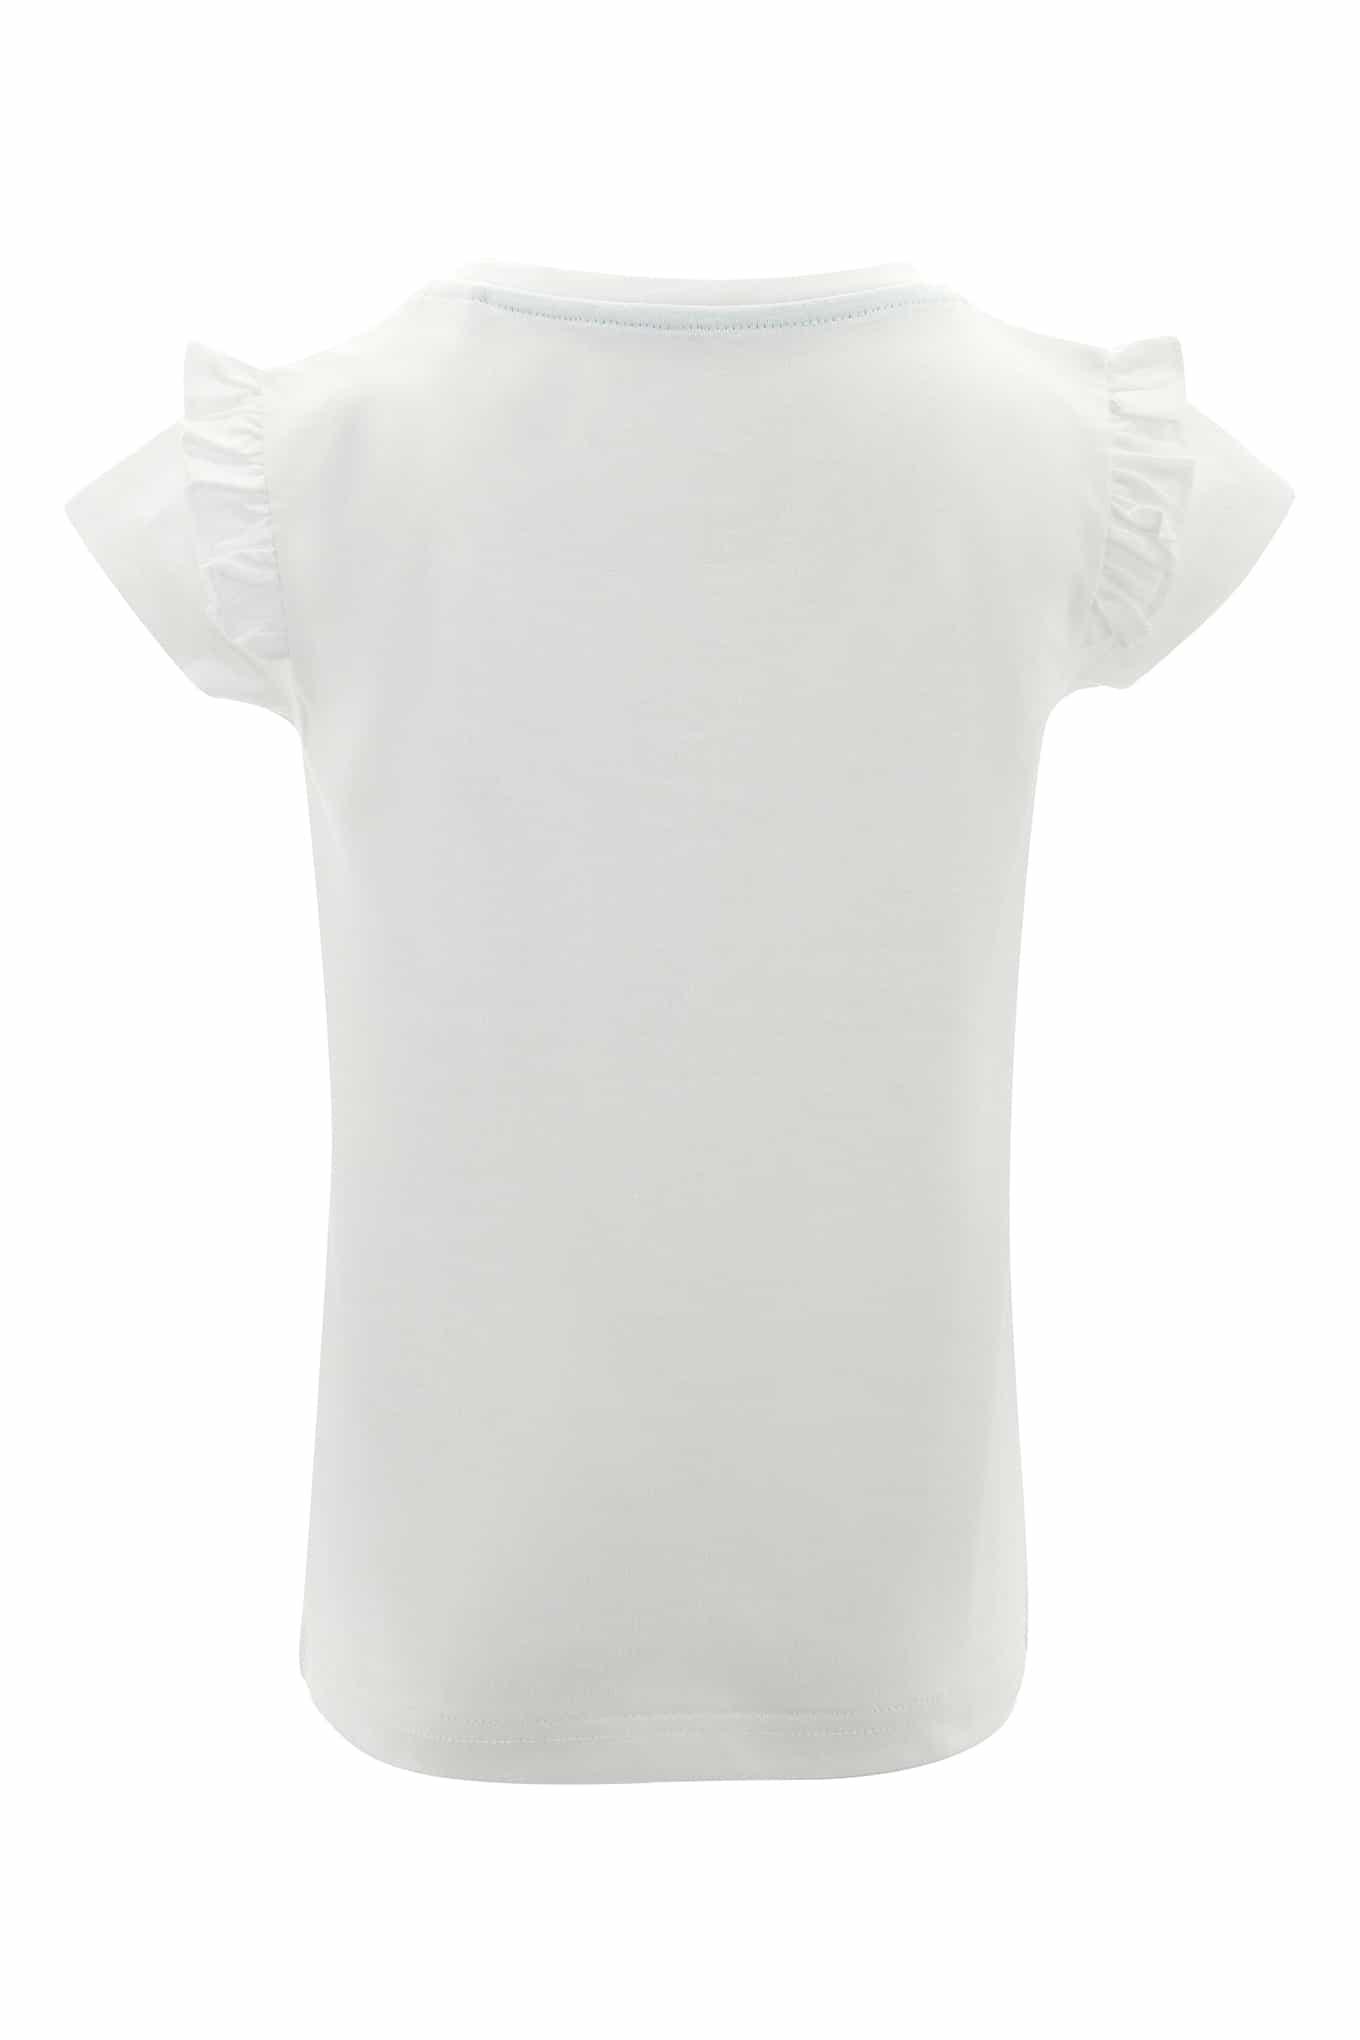 T-Shirt White Sport Girl